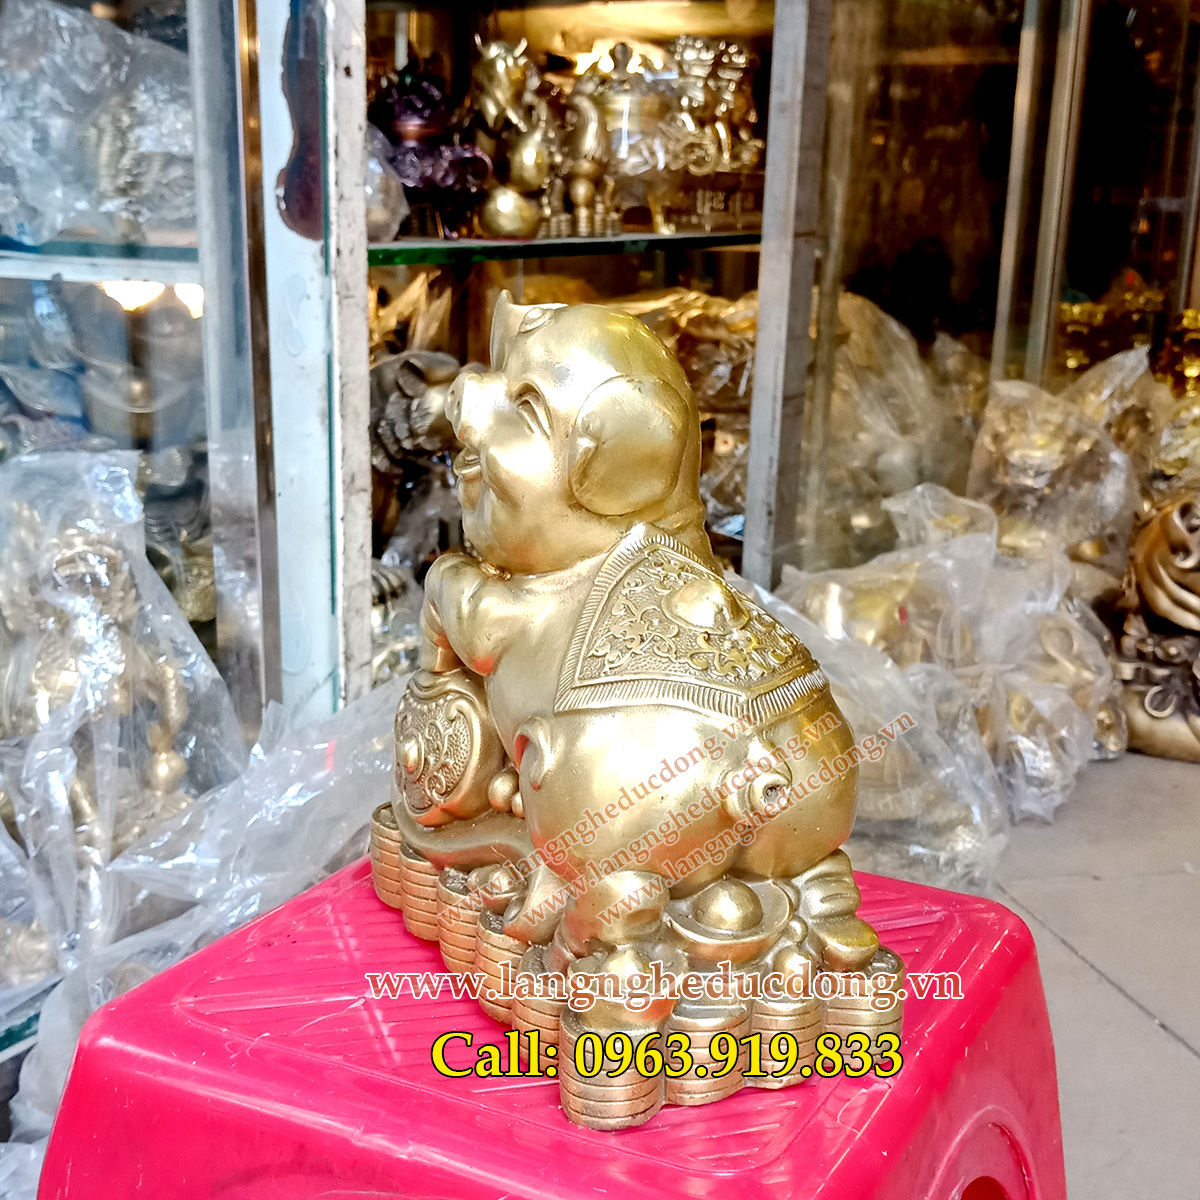 langngheducdong.vn - vật phẩm phong thủy, tượng heo phong thủy, đồ đồng phong thủy, mẫu tượng heo phong thủy